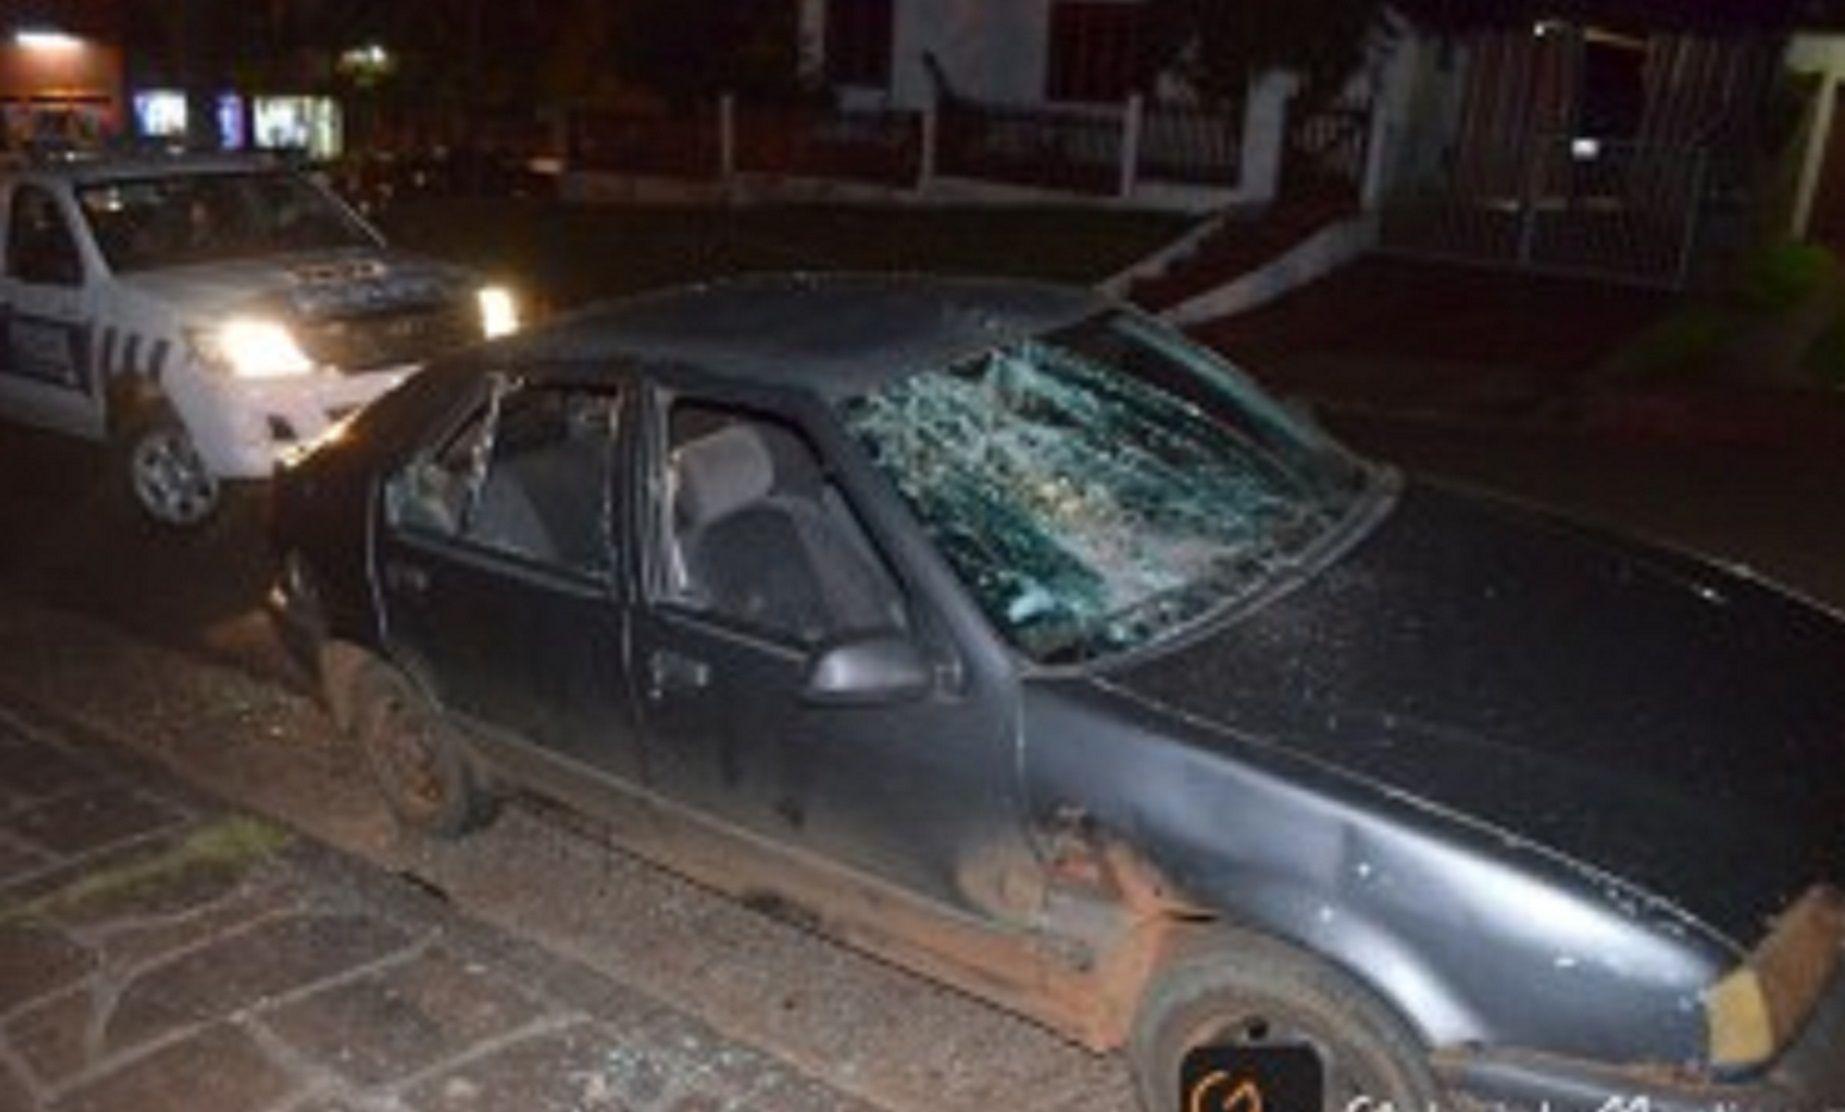 Destruyó el auto del profesor tras ser desaprobado